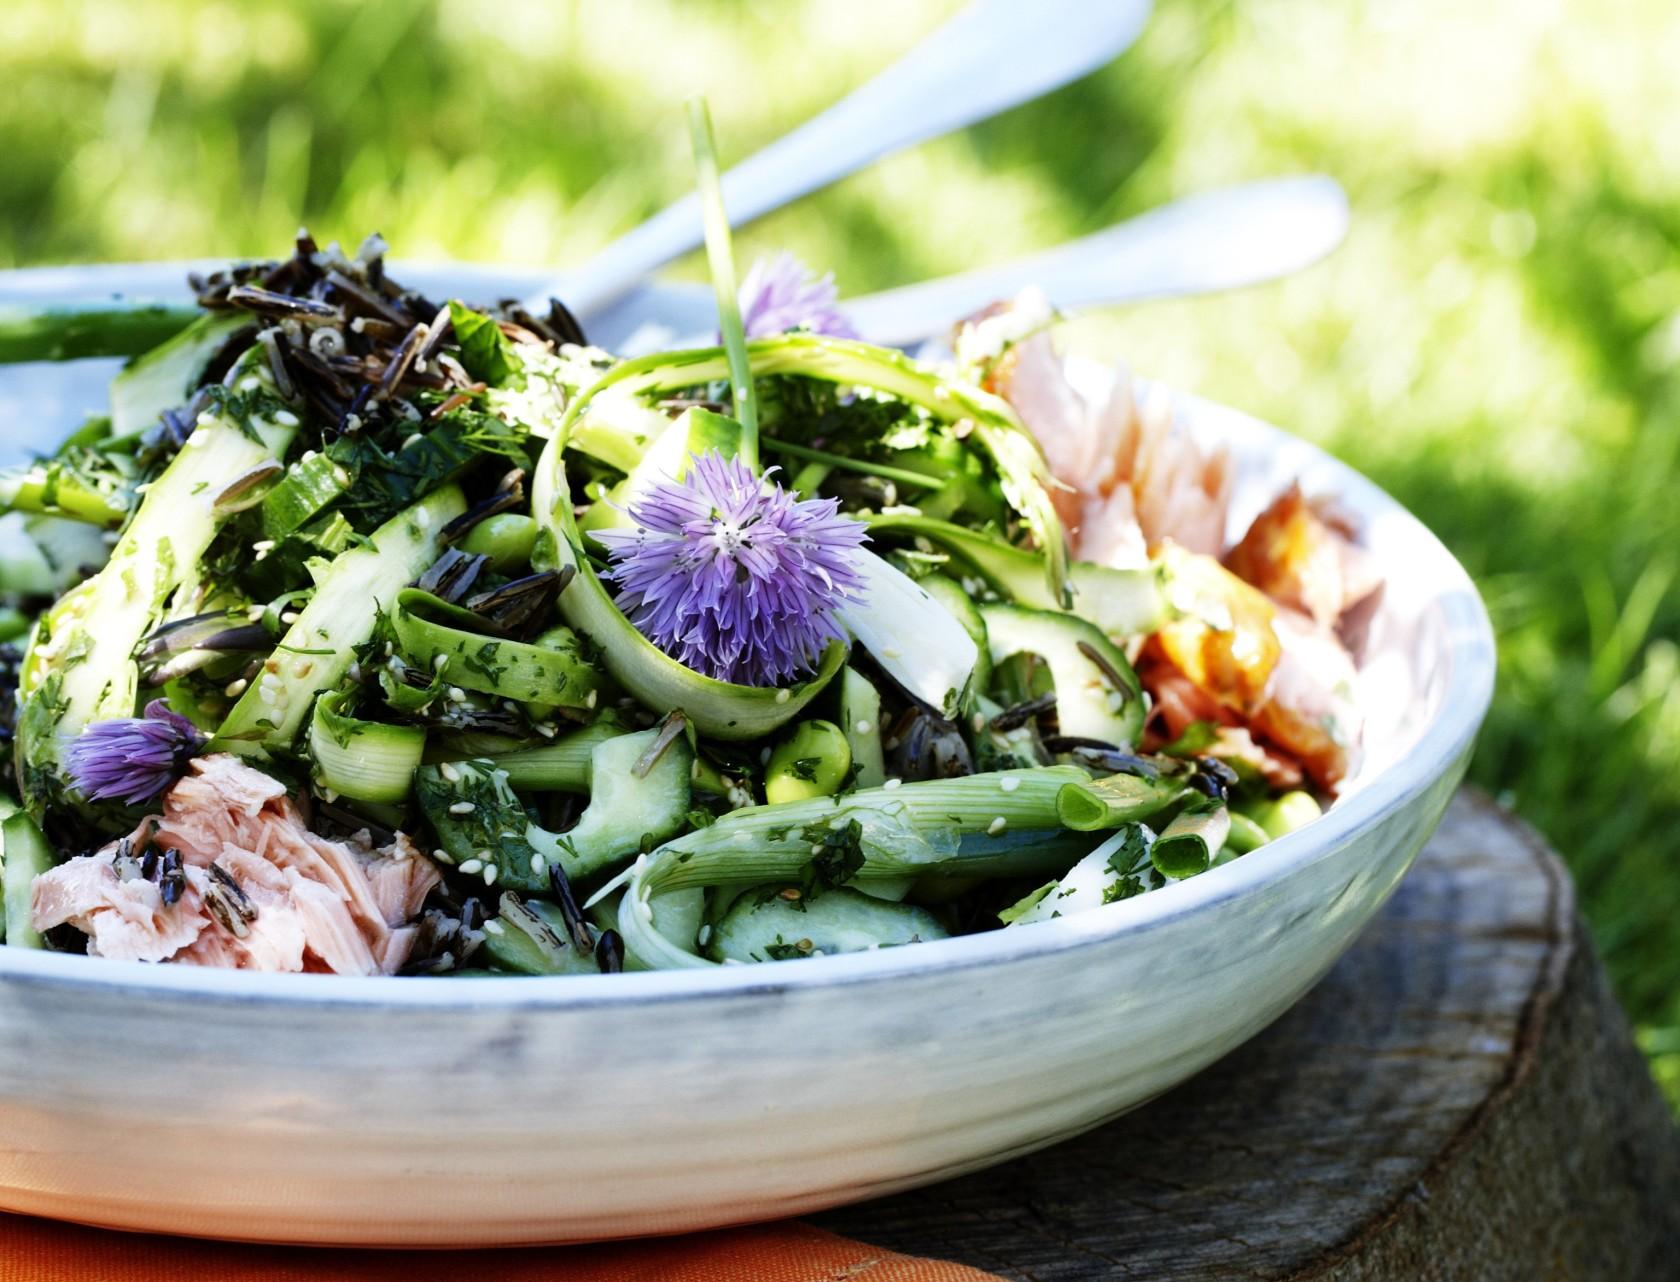 Salat med laks, ris og grønne asparges - perfekt sommersalat